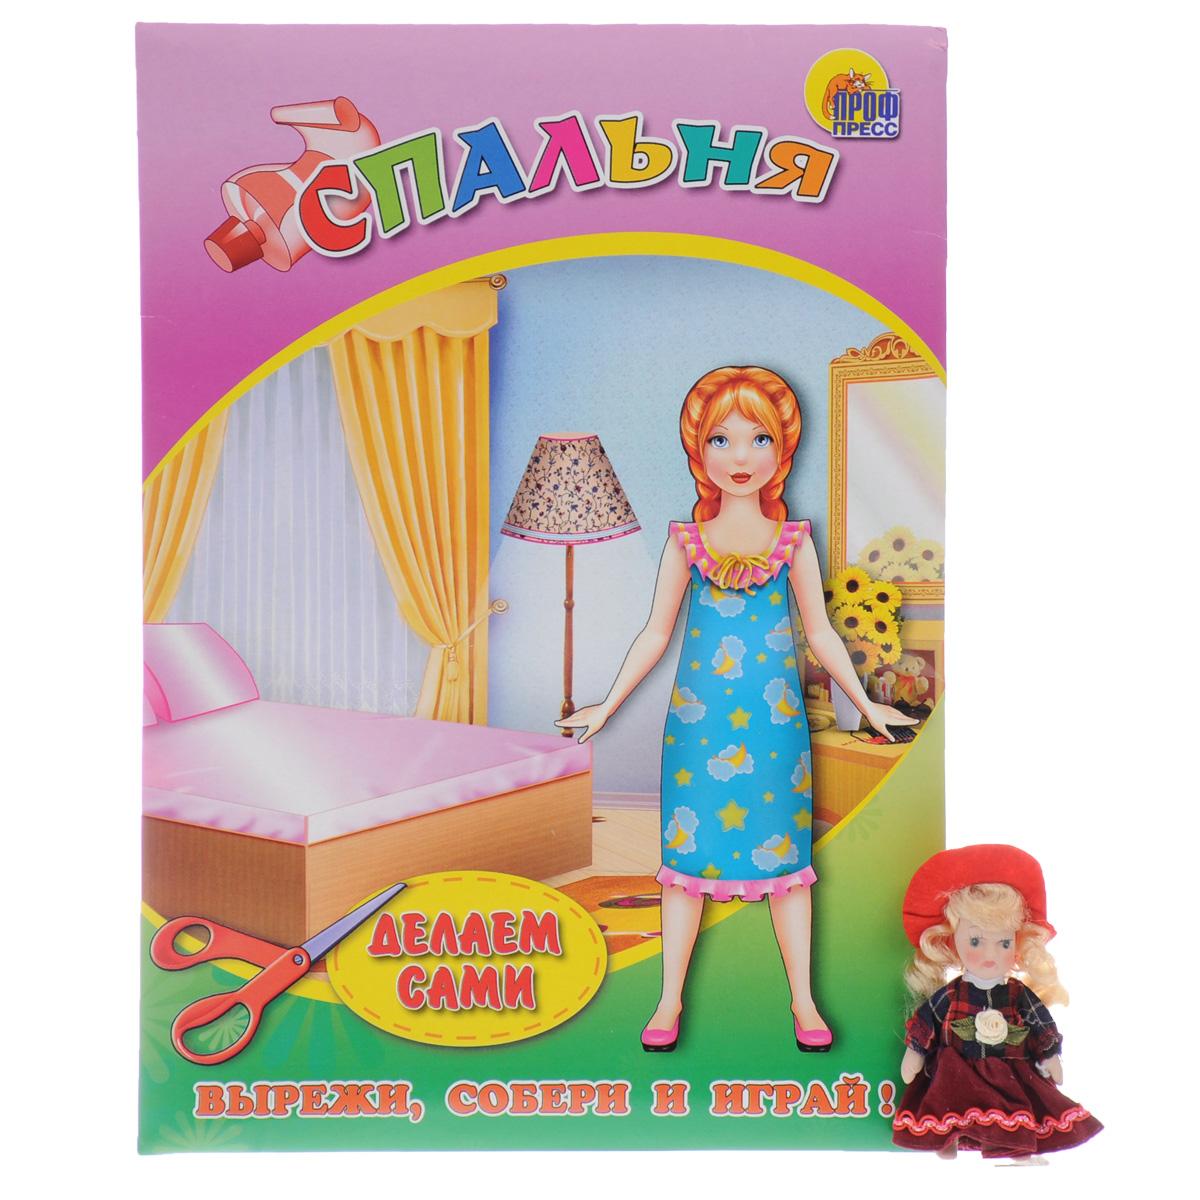 Мебель для кукол. Спальня. Объемная аппликация